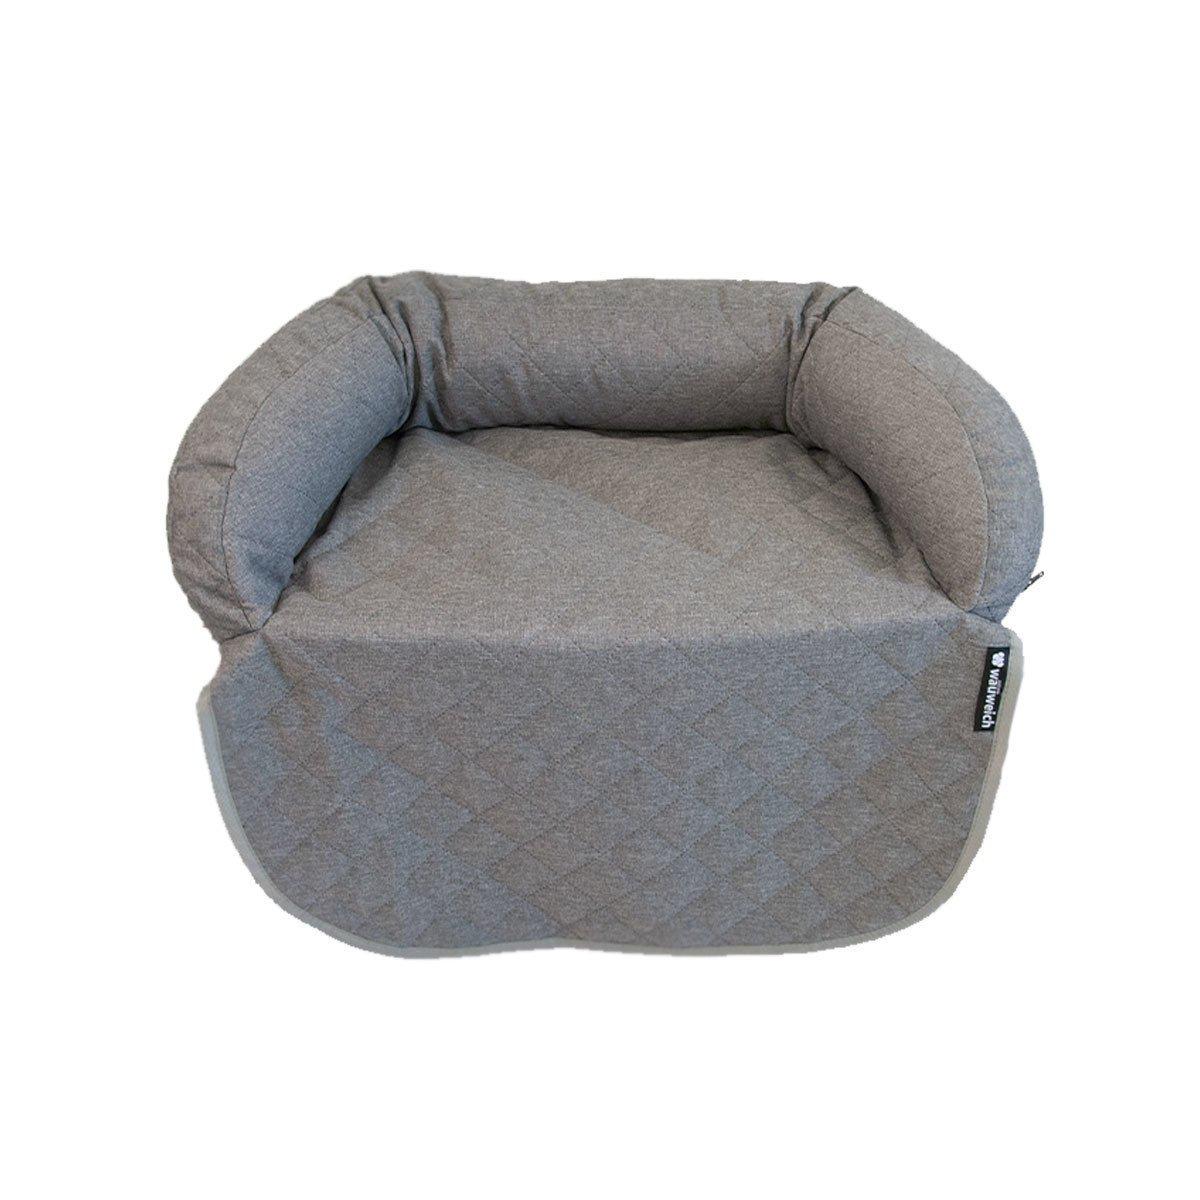 wauweich Sofa Hundebett Hundedecke, 80x66 cm, grau